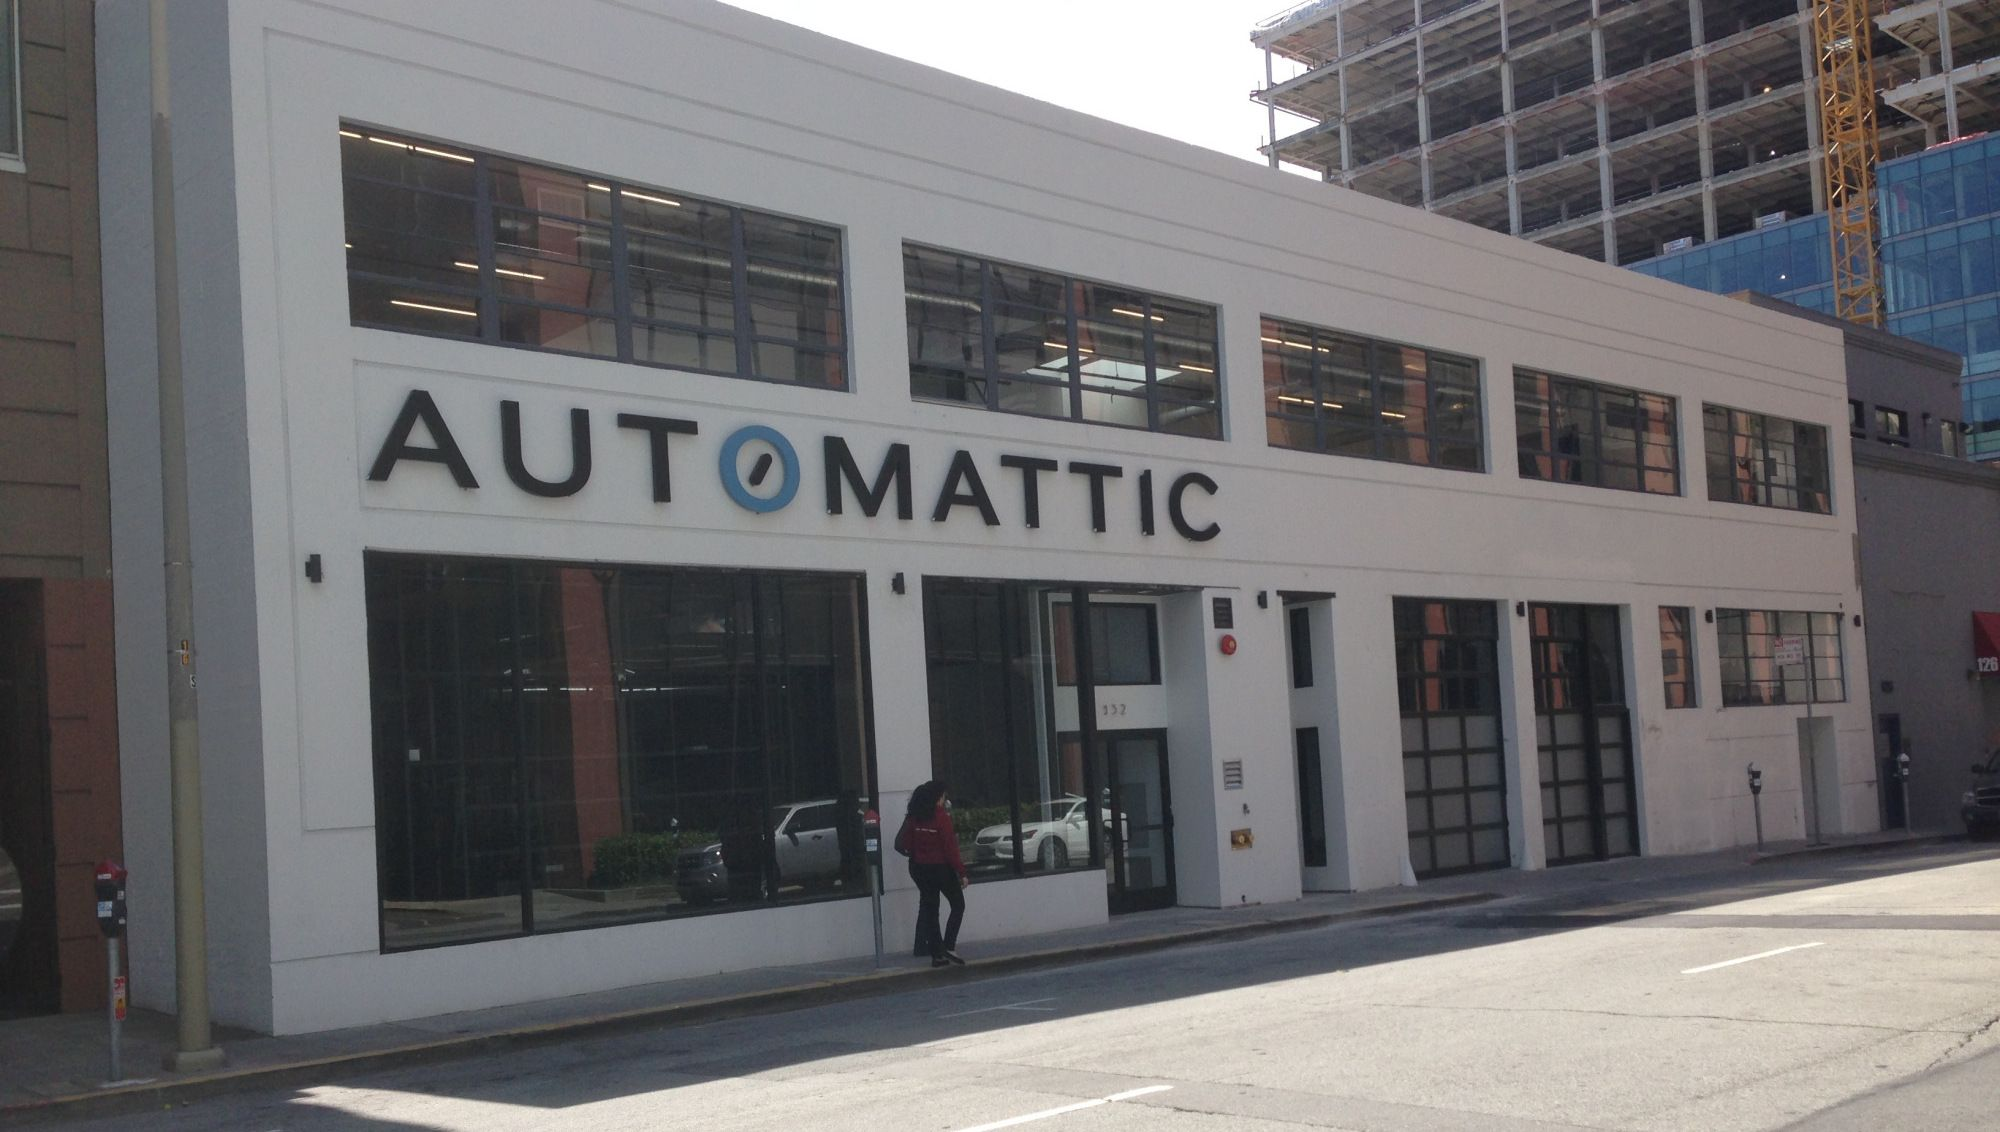 Офис компании Automattic в San Francisco